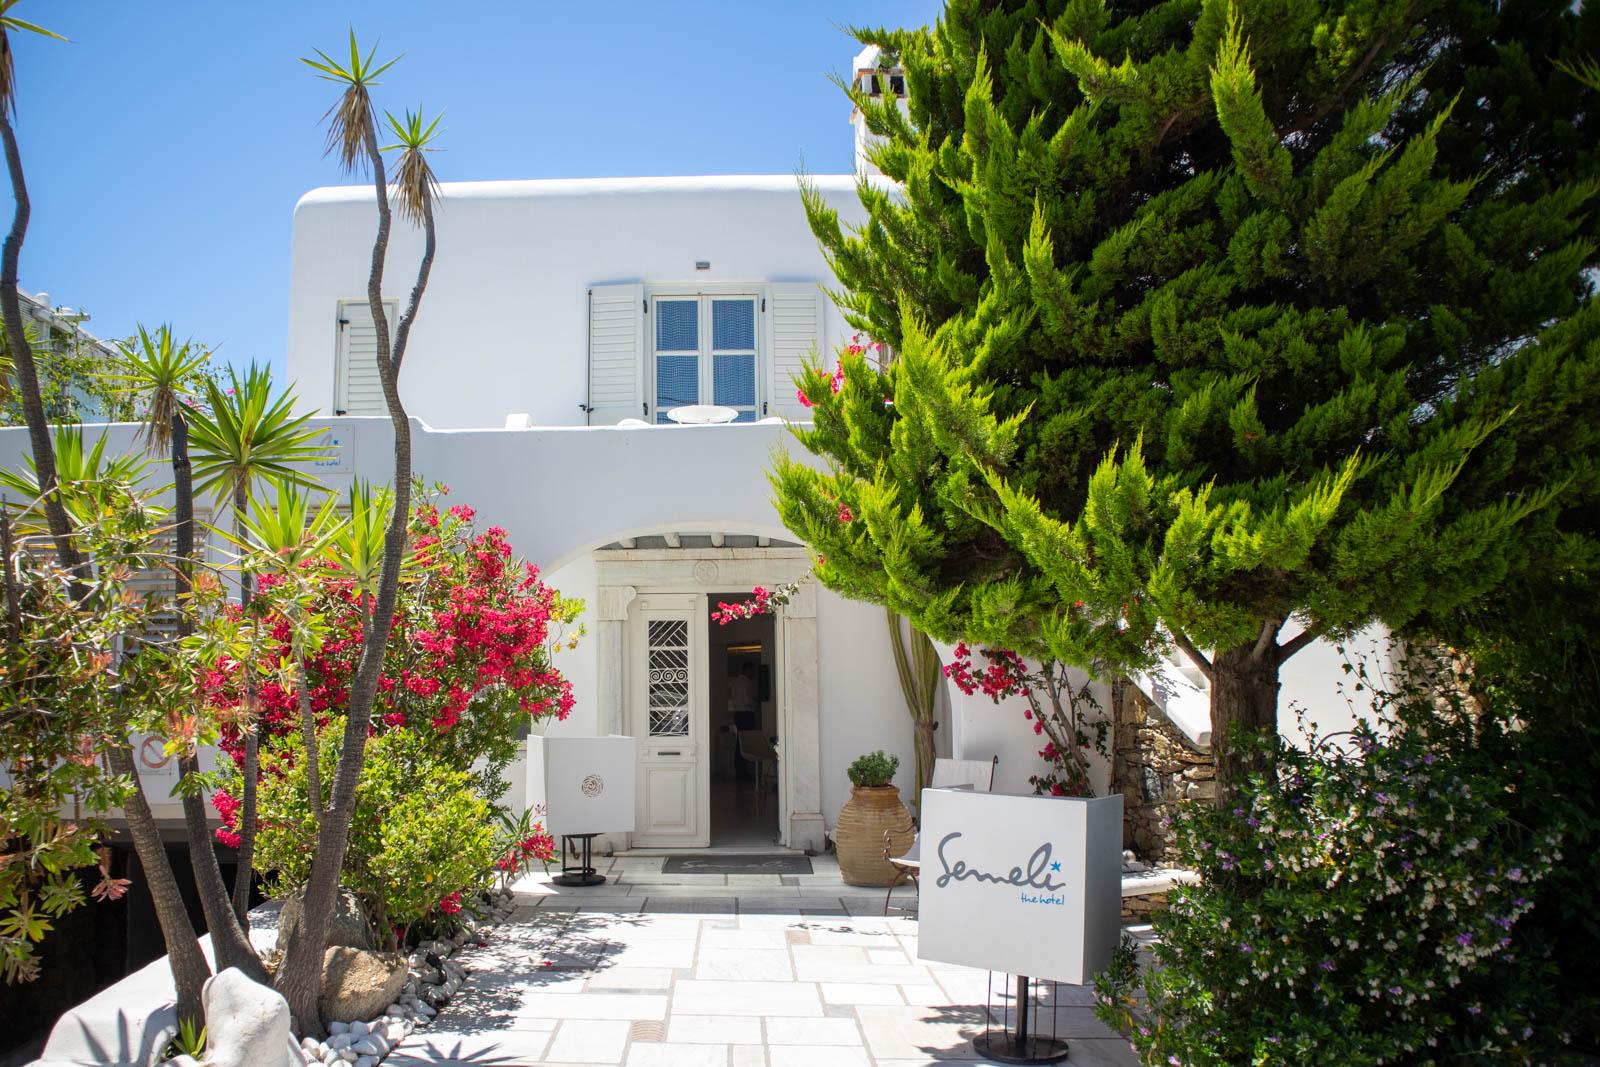 semeli hotel mykonos greece